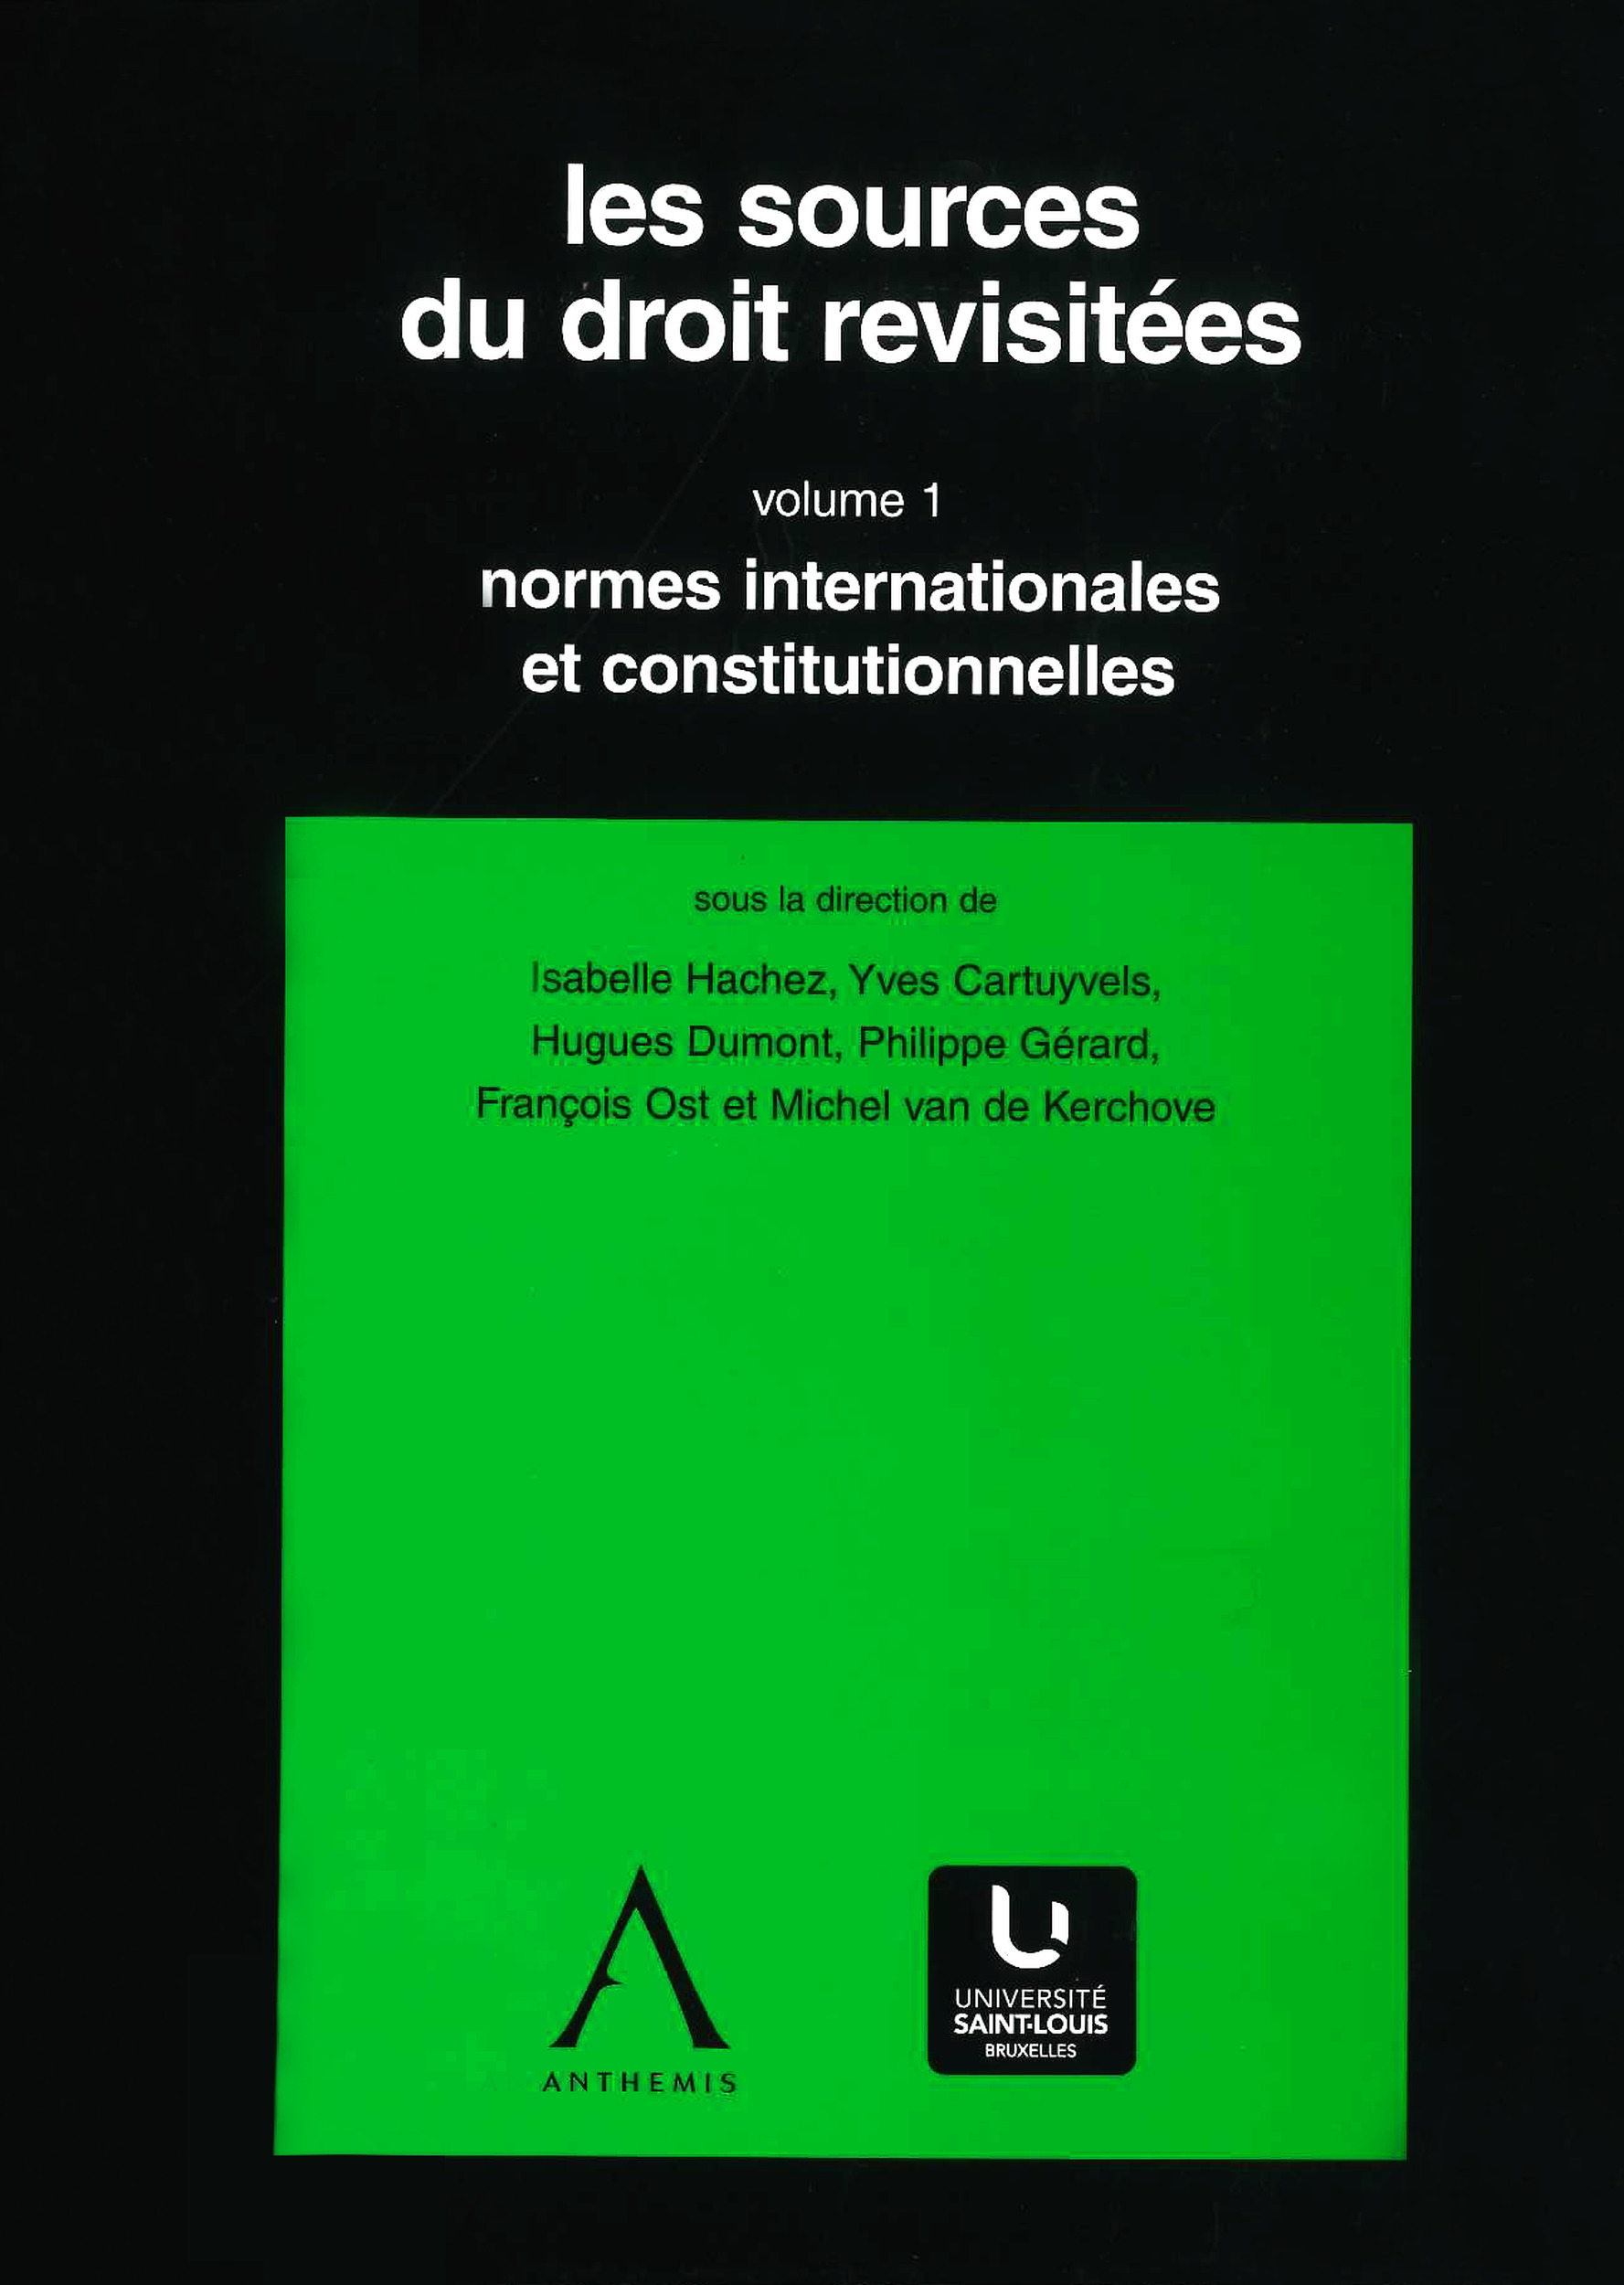 Les sources du droit revisitees (4 volumes)